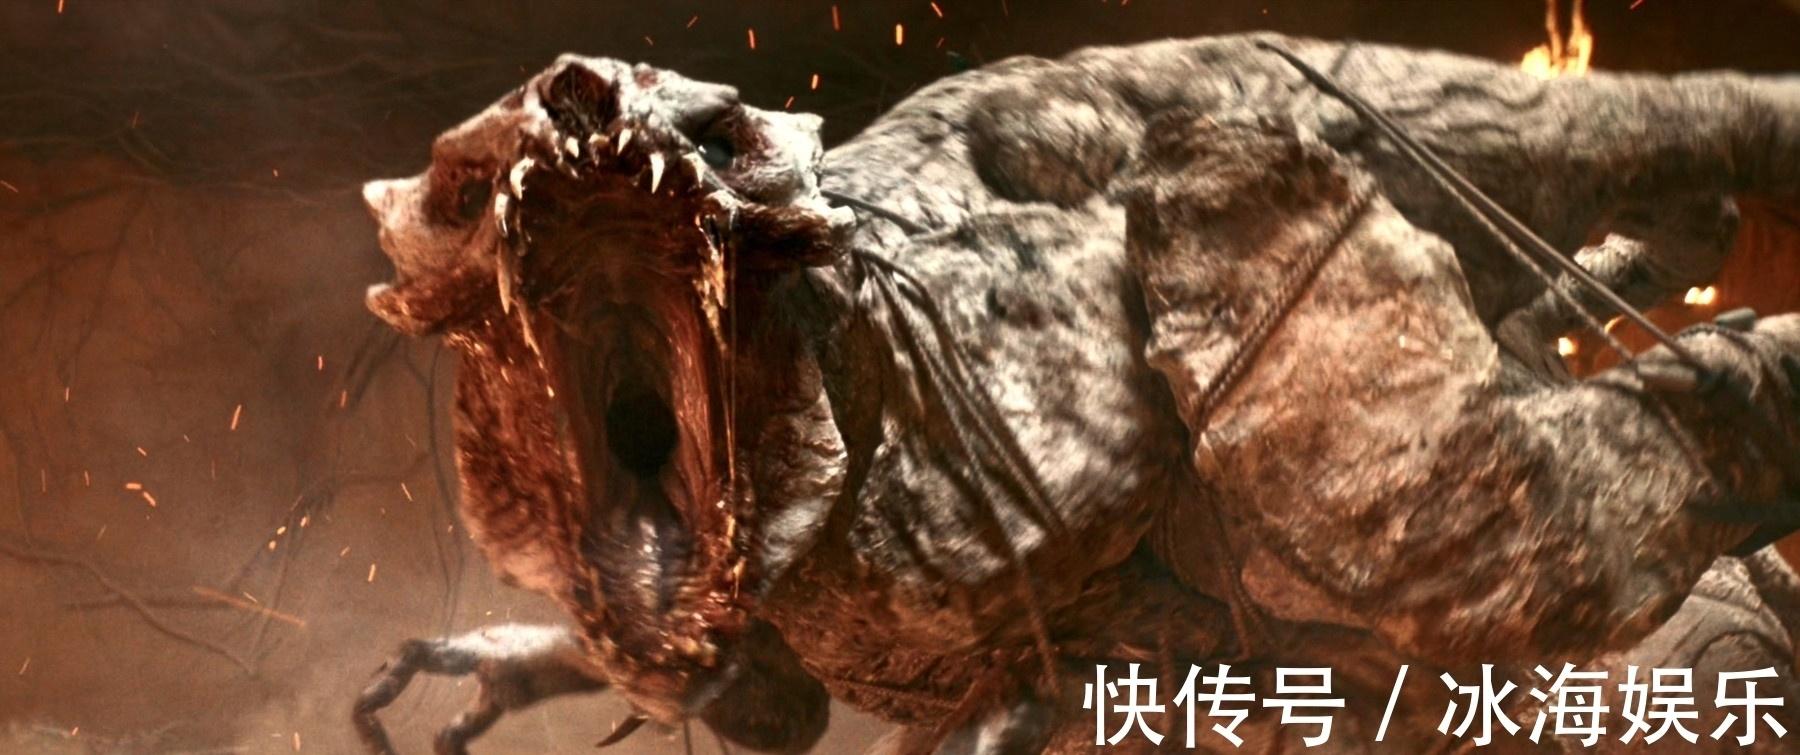 【明日之战】百度云网盘【1080P已更新】中字资源已完结